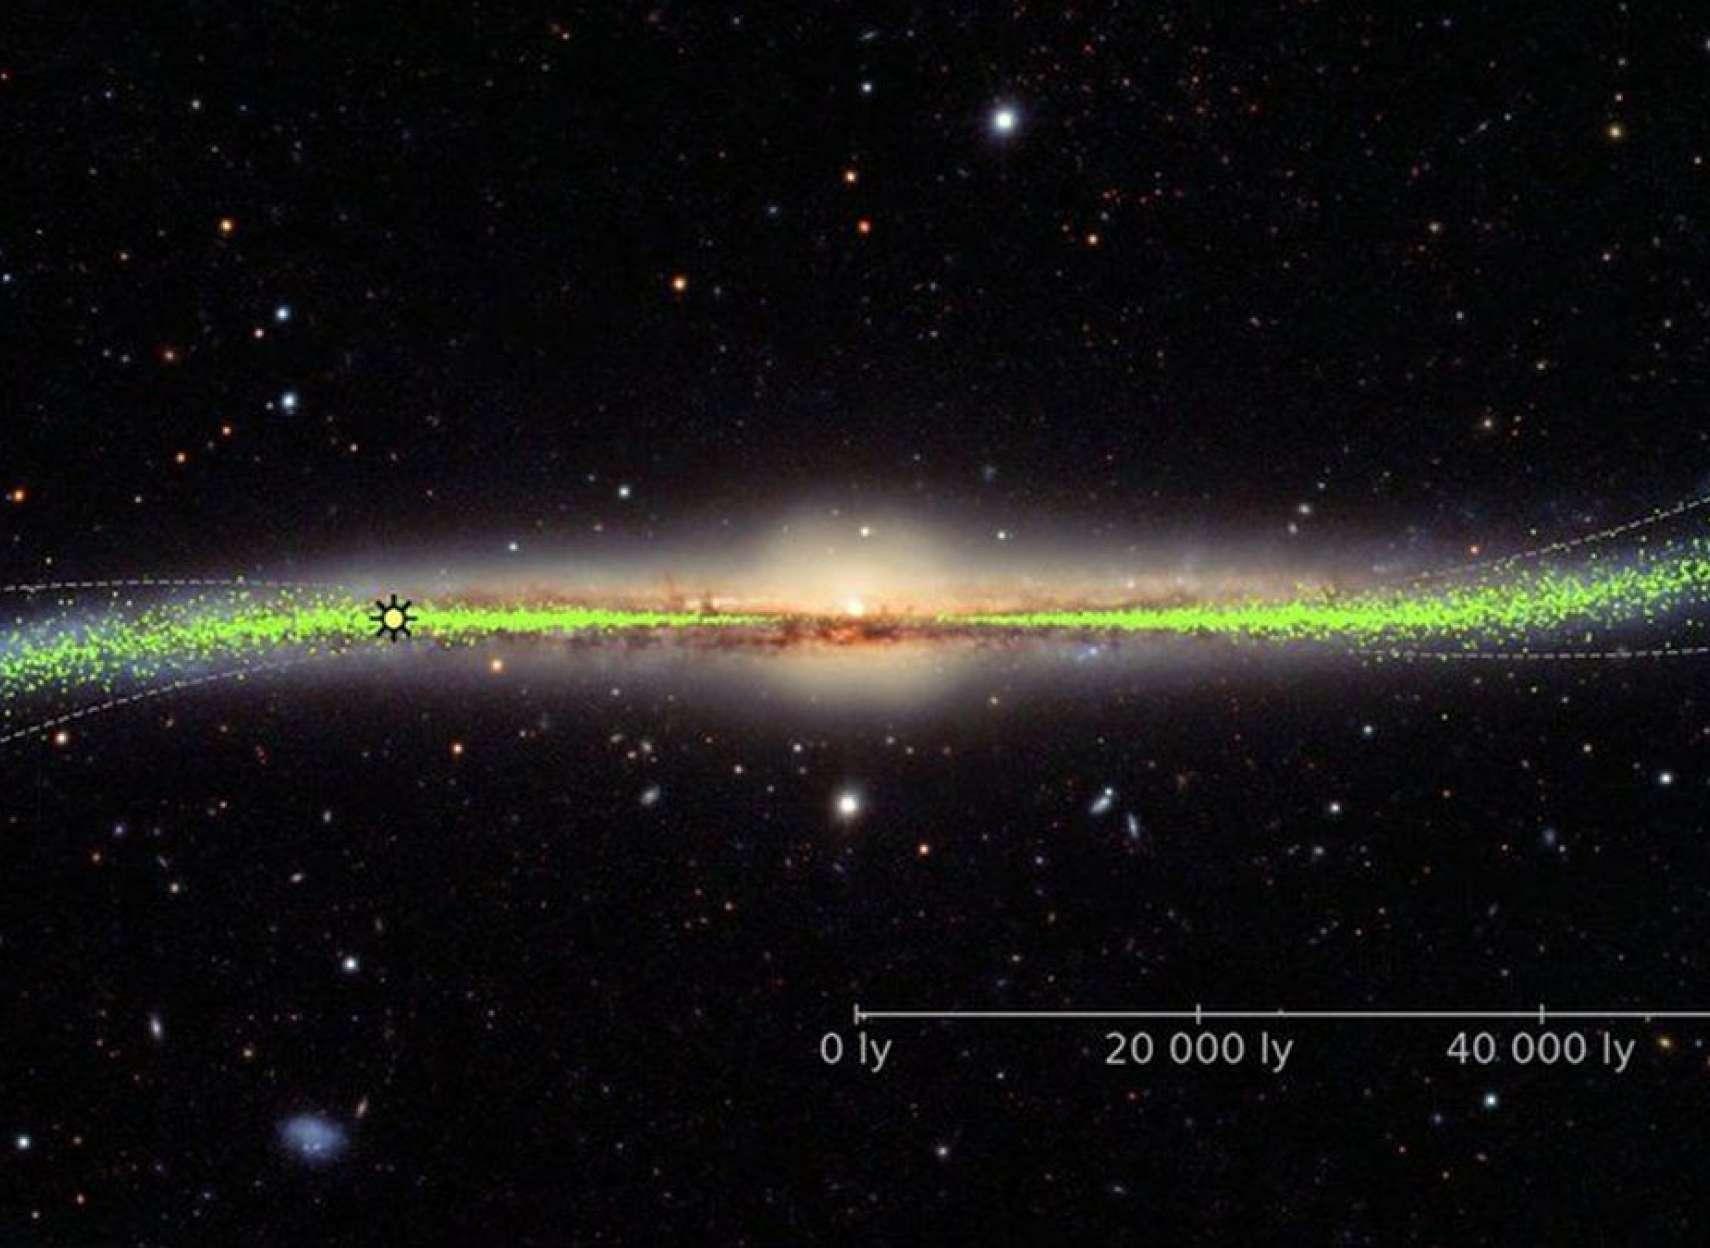 اخبار-علمی-تغییر-نظر-دانشمندان-درباره-شکل-کهکشان-راه-شیری-و-آینده-آن